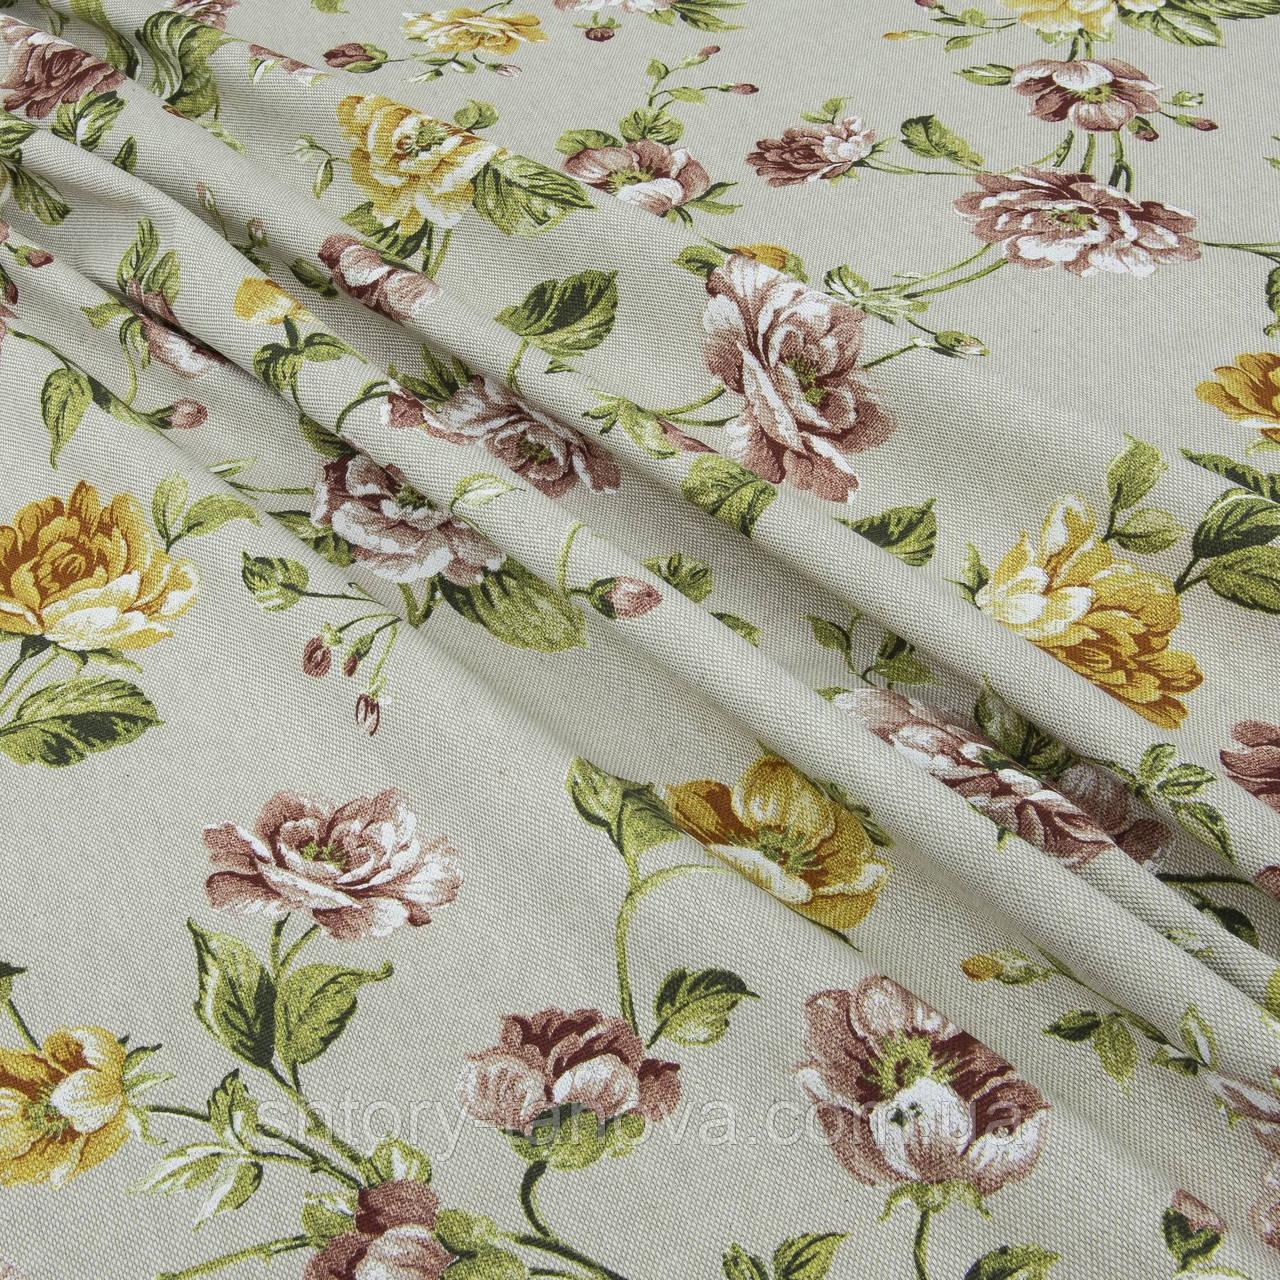 Ткань в стиле прованс крупные цветы бордо, т.карамель Испания